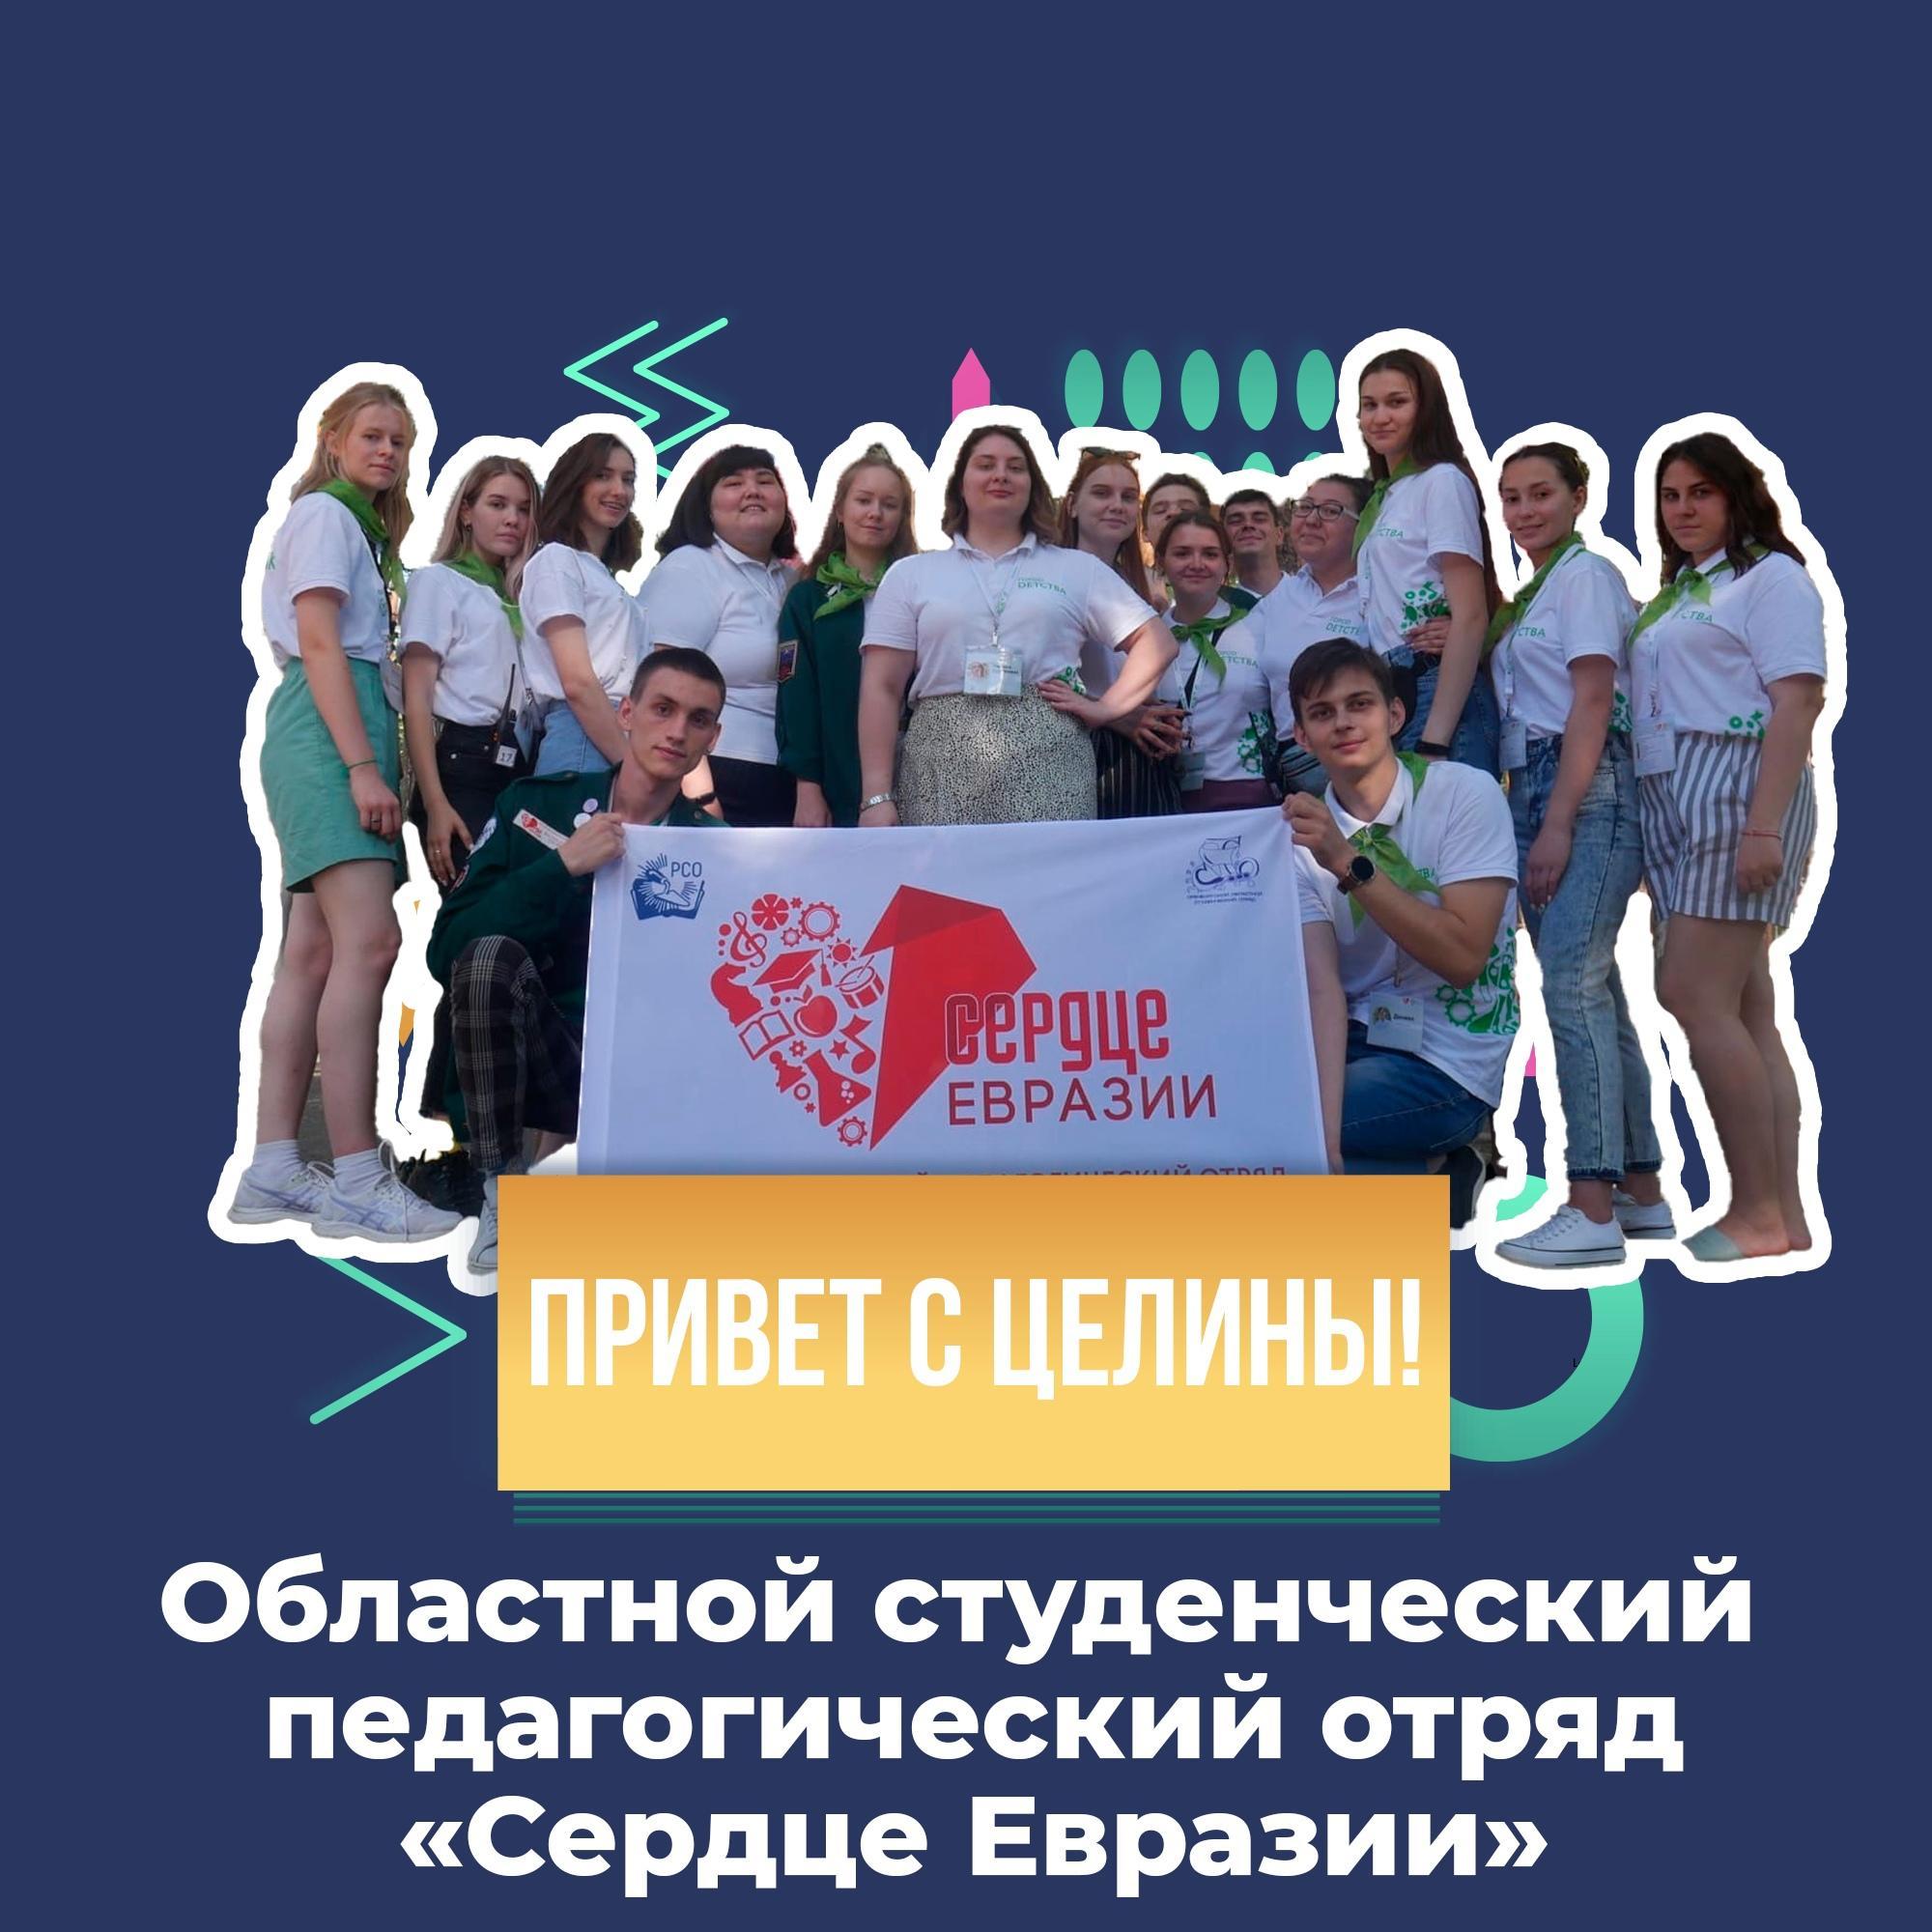 Привет с целины от ОСПО «Сердце Евразии»